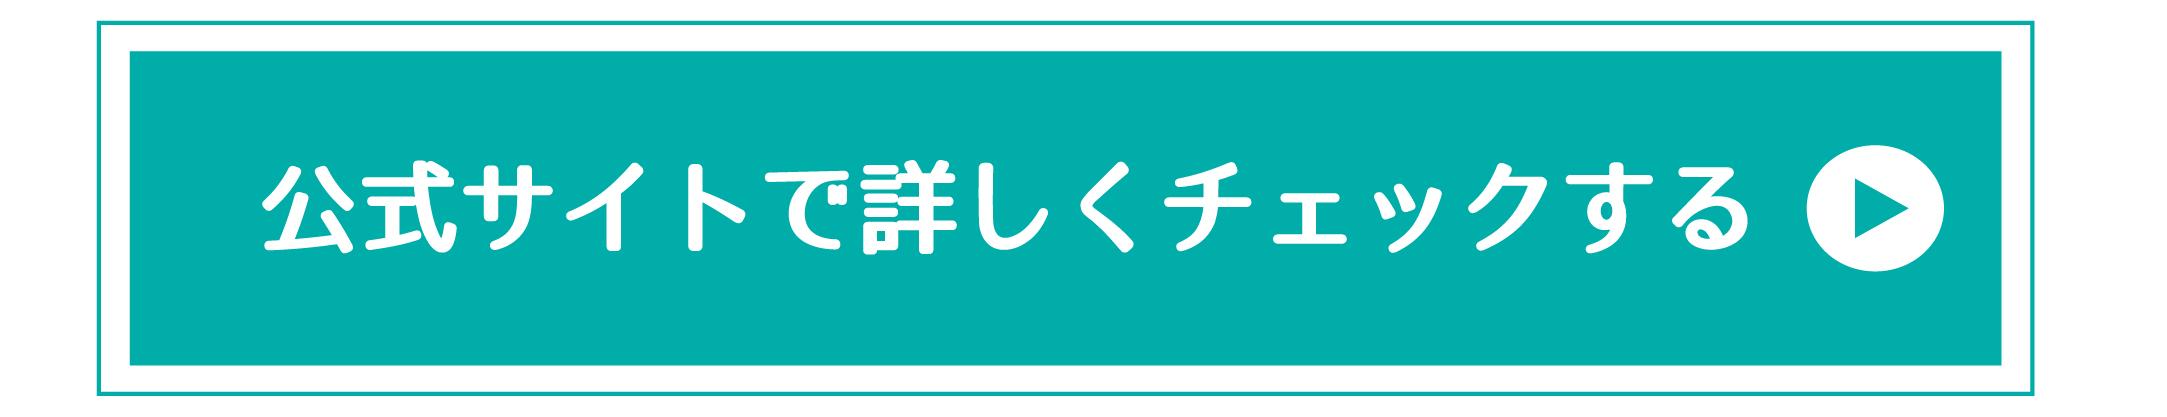 プロアクティブの公式サイト